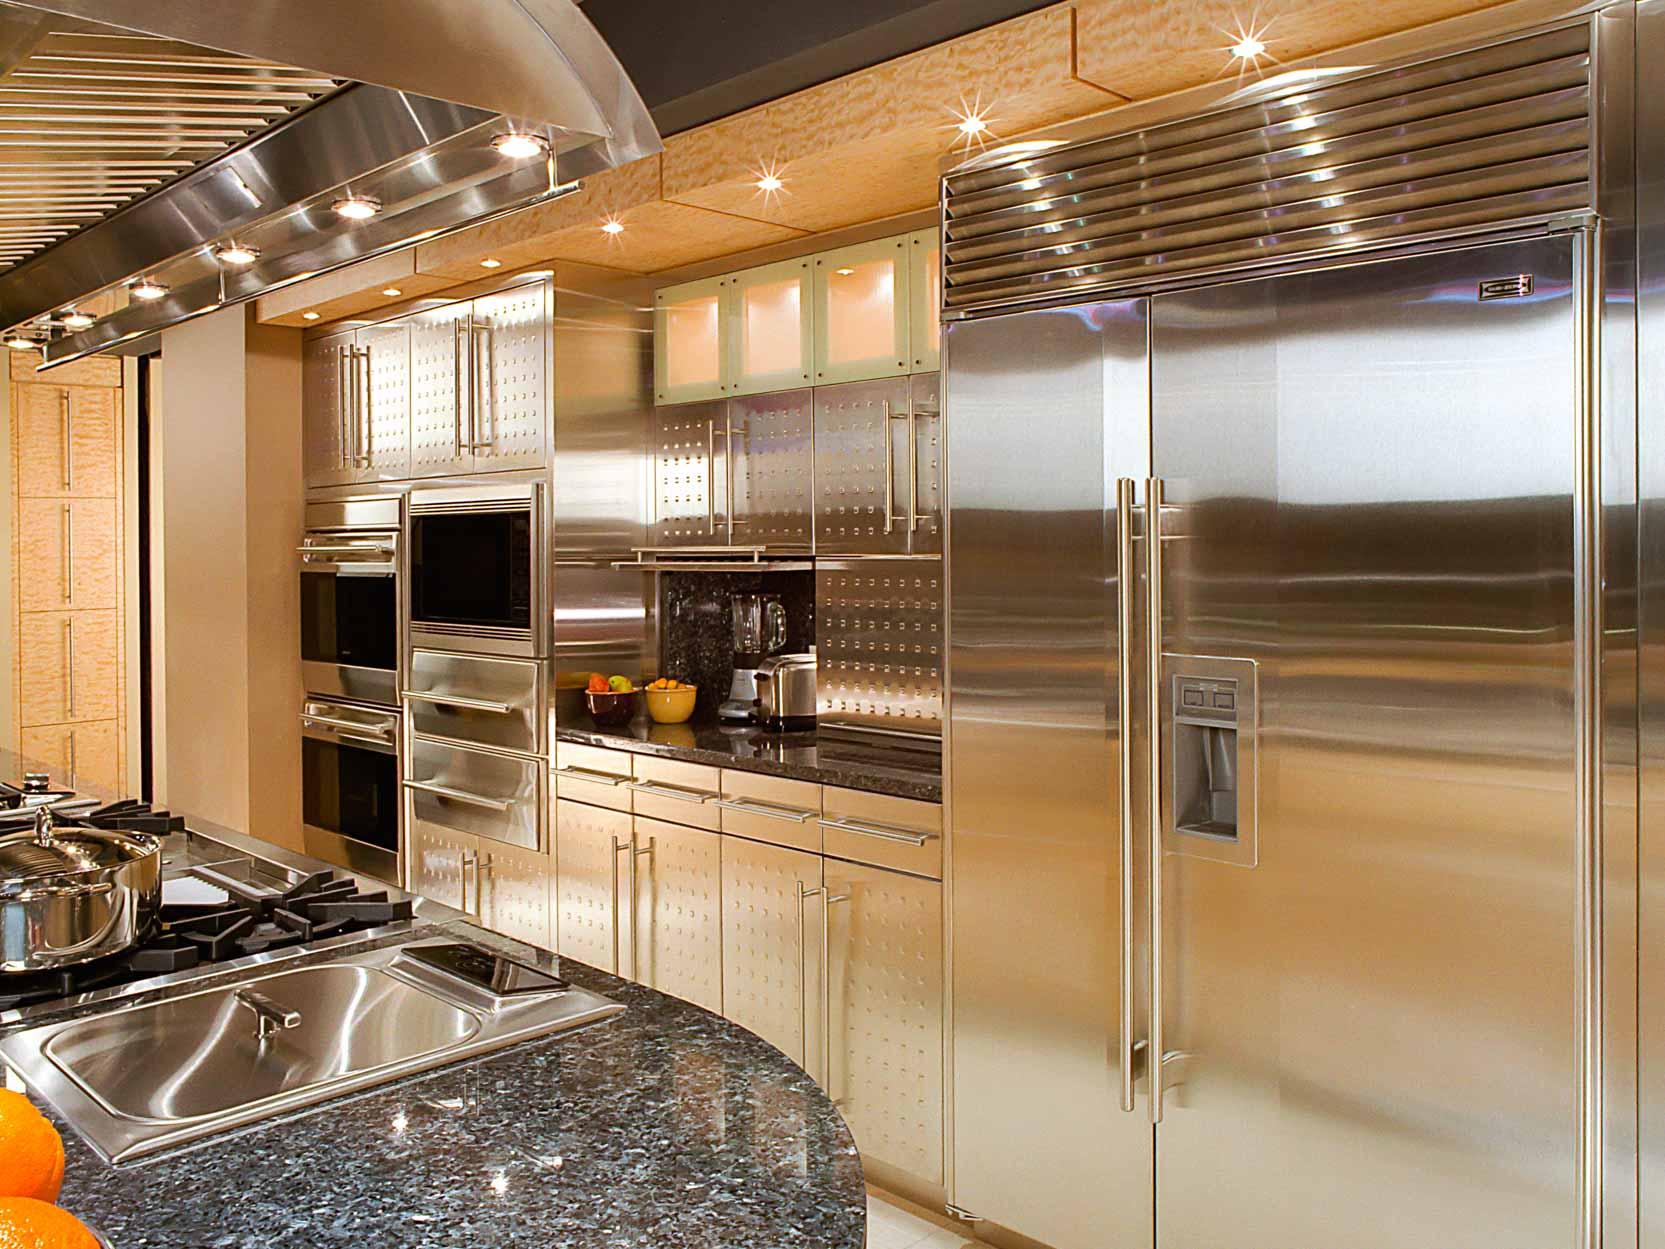 arteriors kitchen designers kitchen design remodeling minnesota. Black Bedroom Furniture Sets. Home Design Ideas